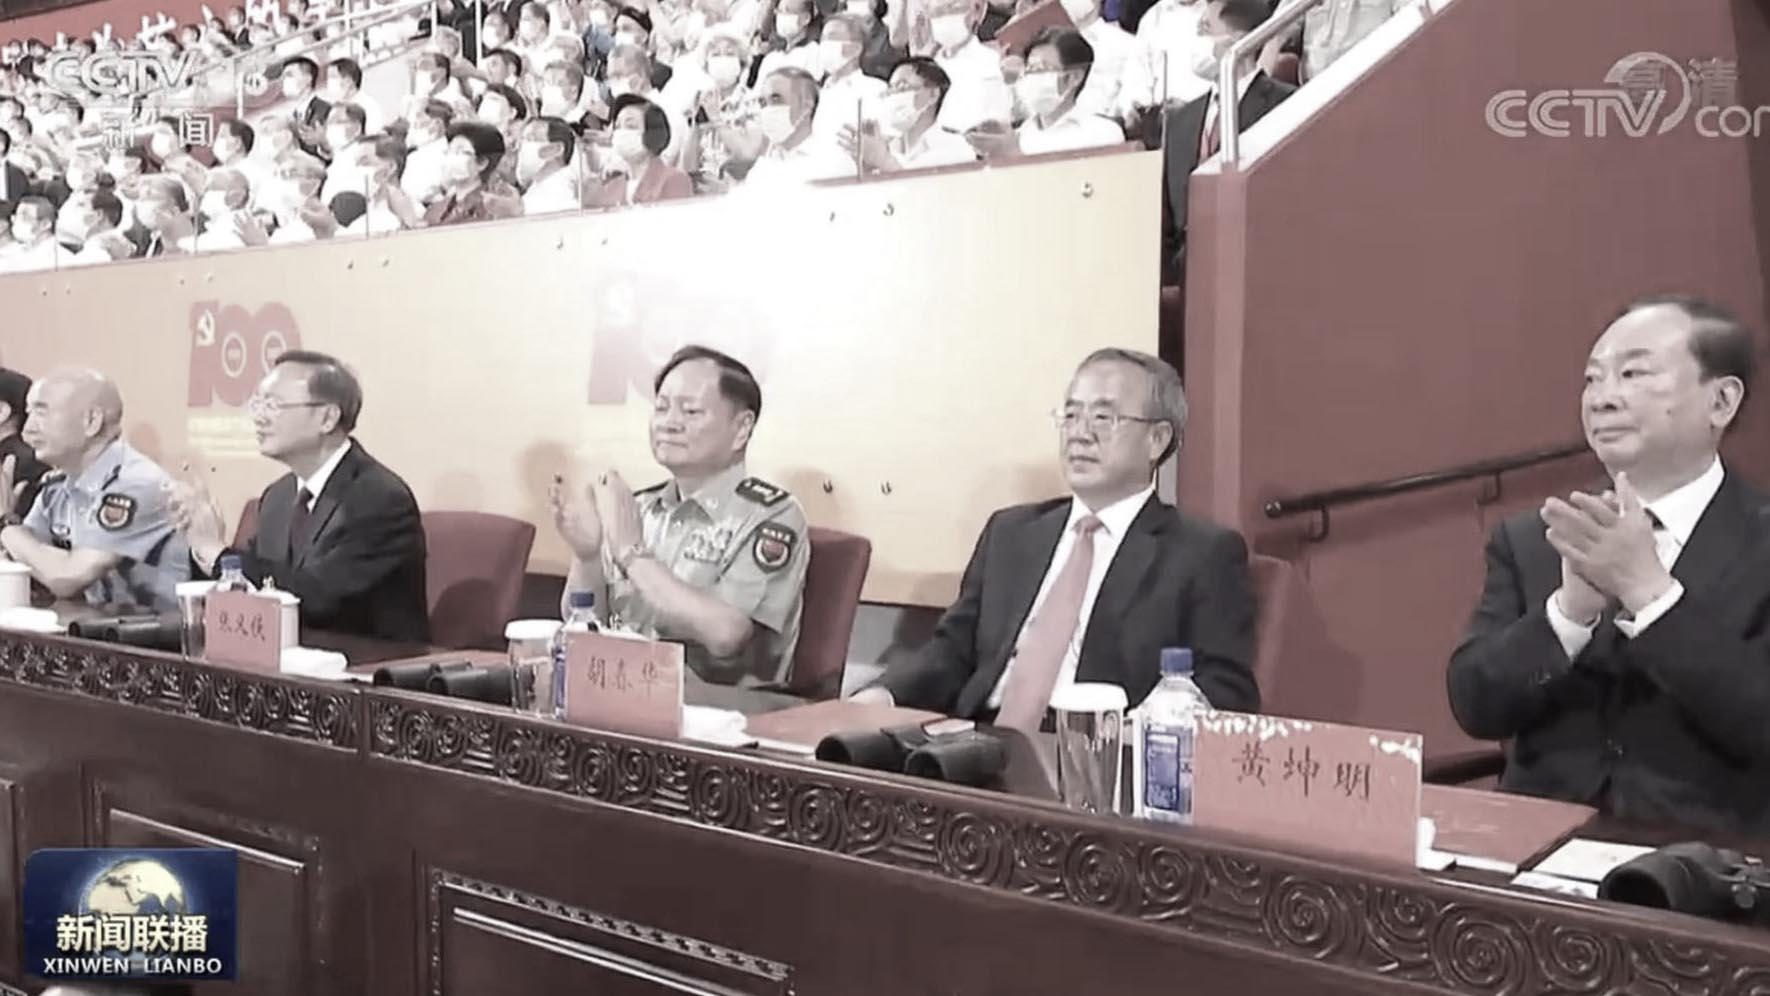 胡春華被大外宣曬出看黨慶演出不配合鼓掌的照片。(圖片來源:網絡)